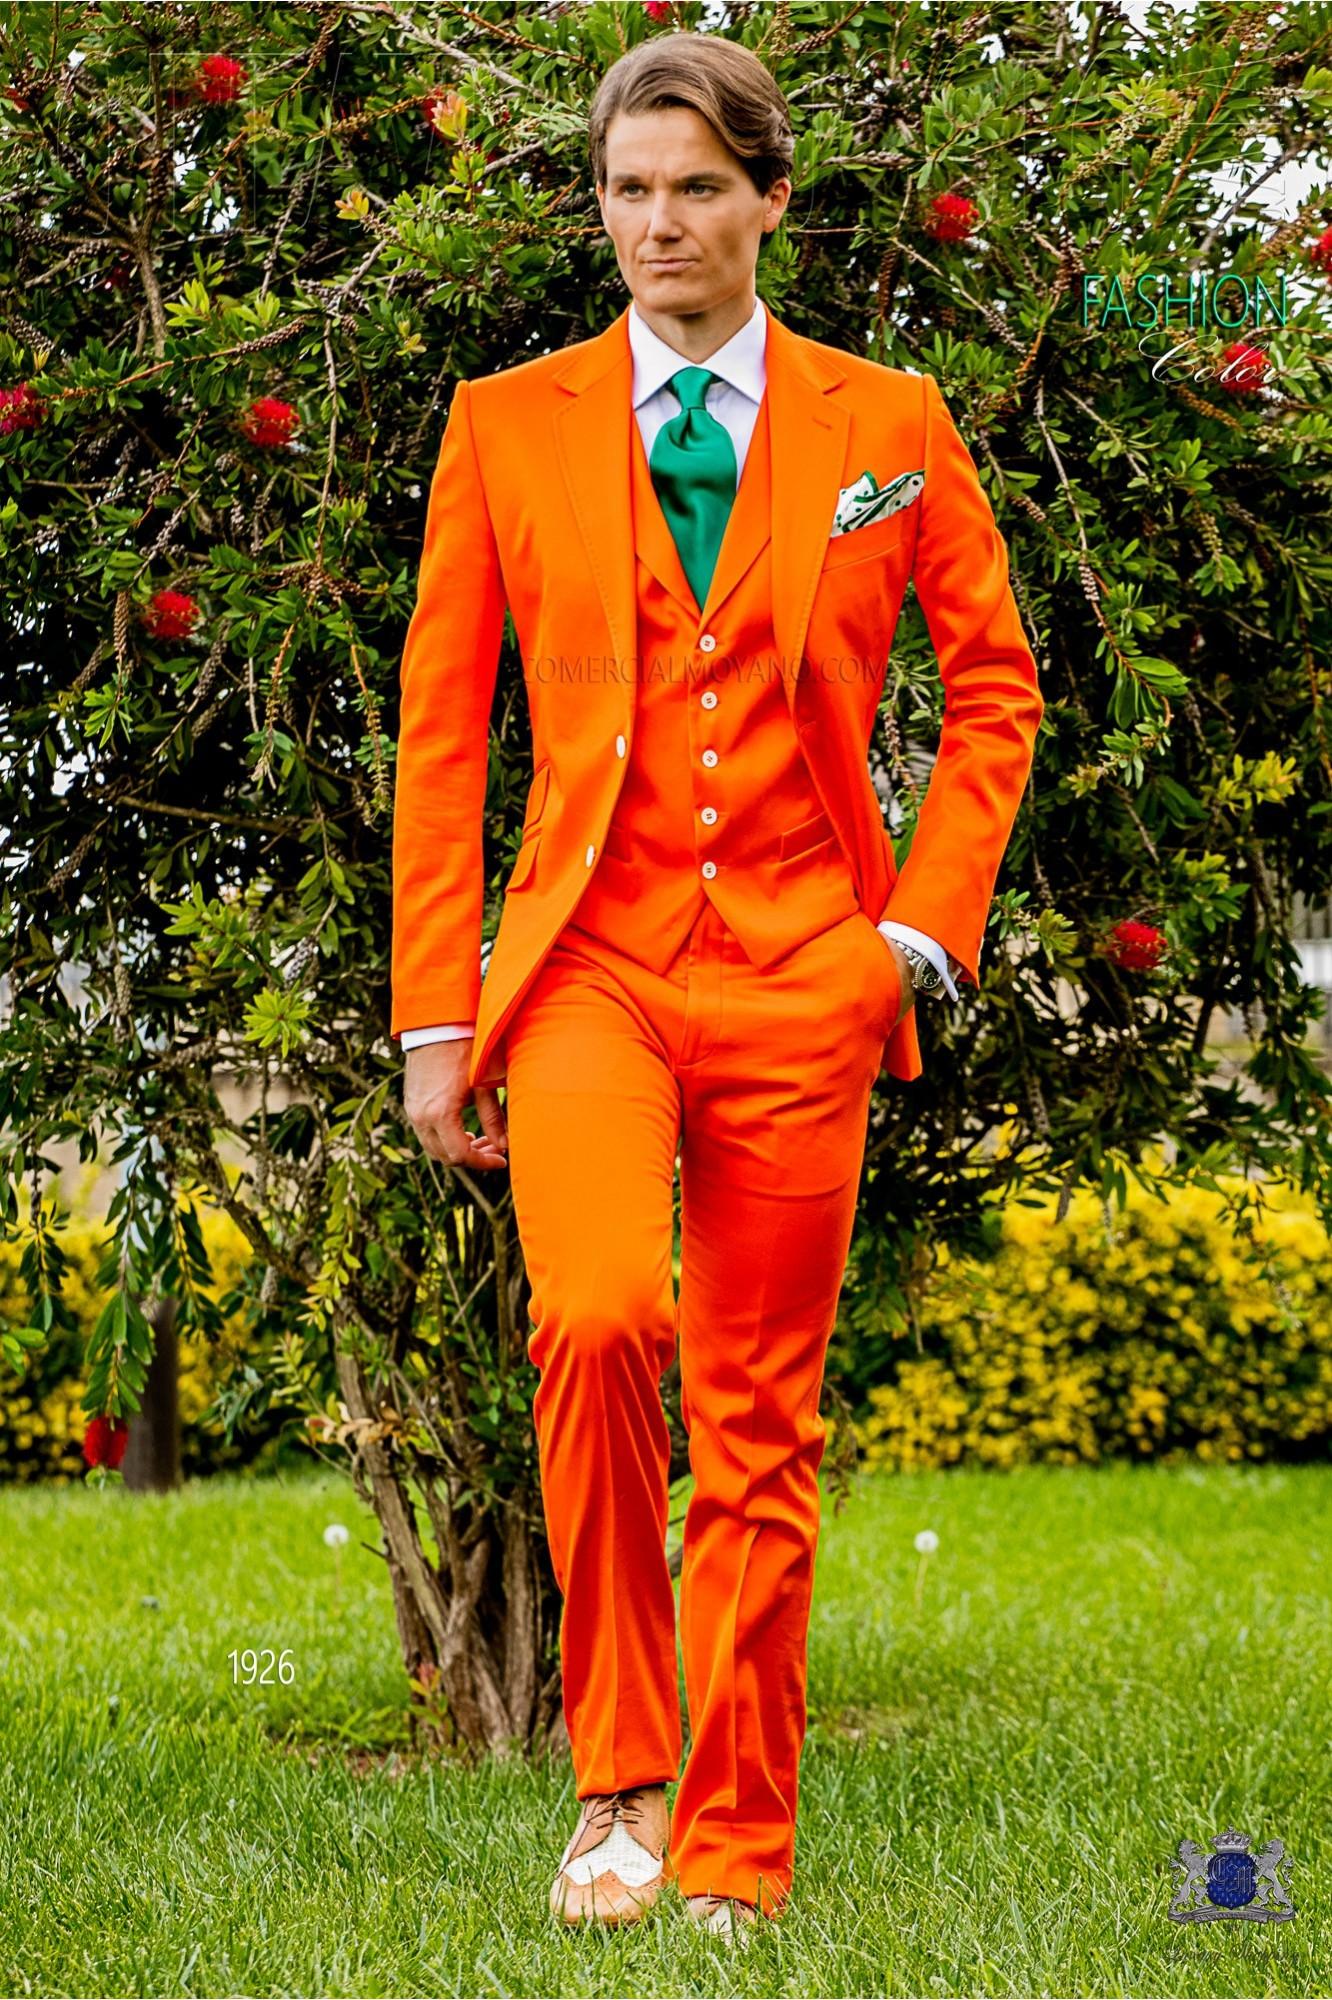 Traje italiano a medida naranja en raso de algodón modelo: 1926 Ottavio Nuccio Gala colección Hipster